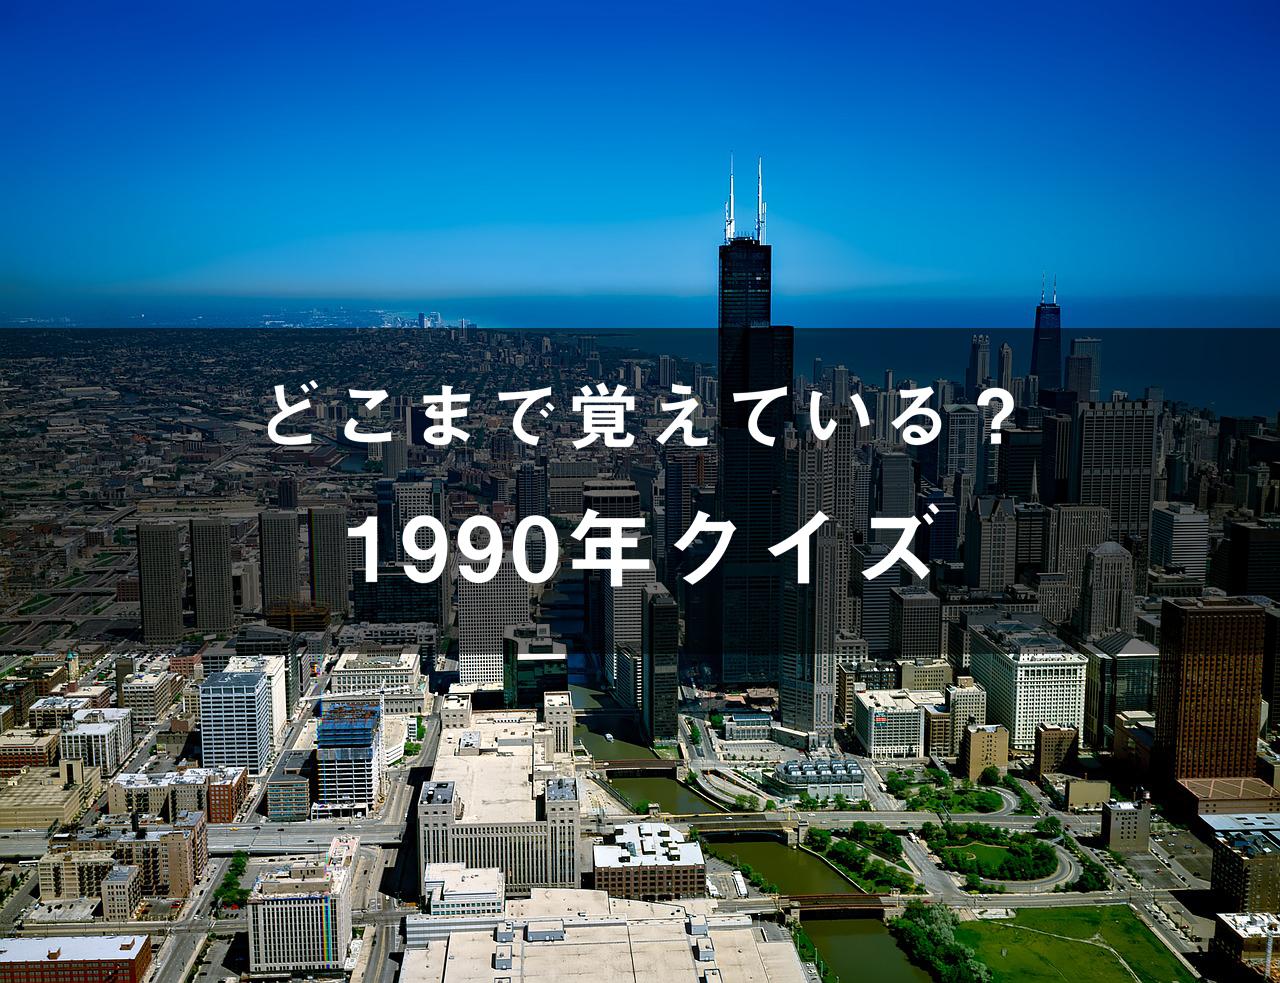 どこまで覚えてる?1990年クイズ